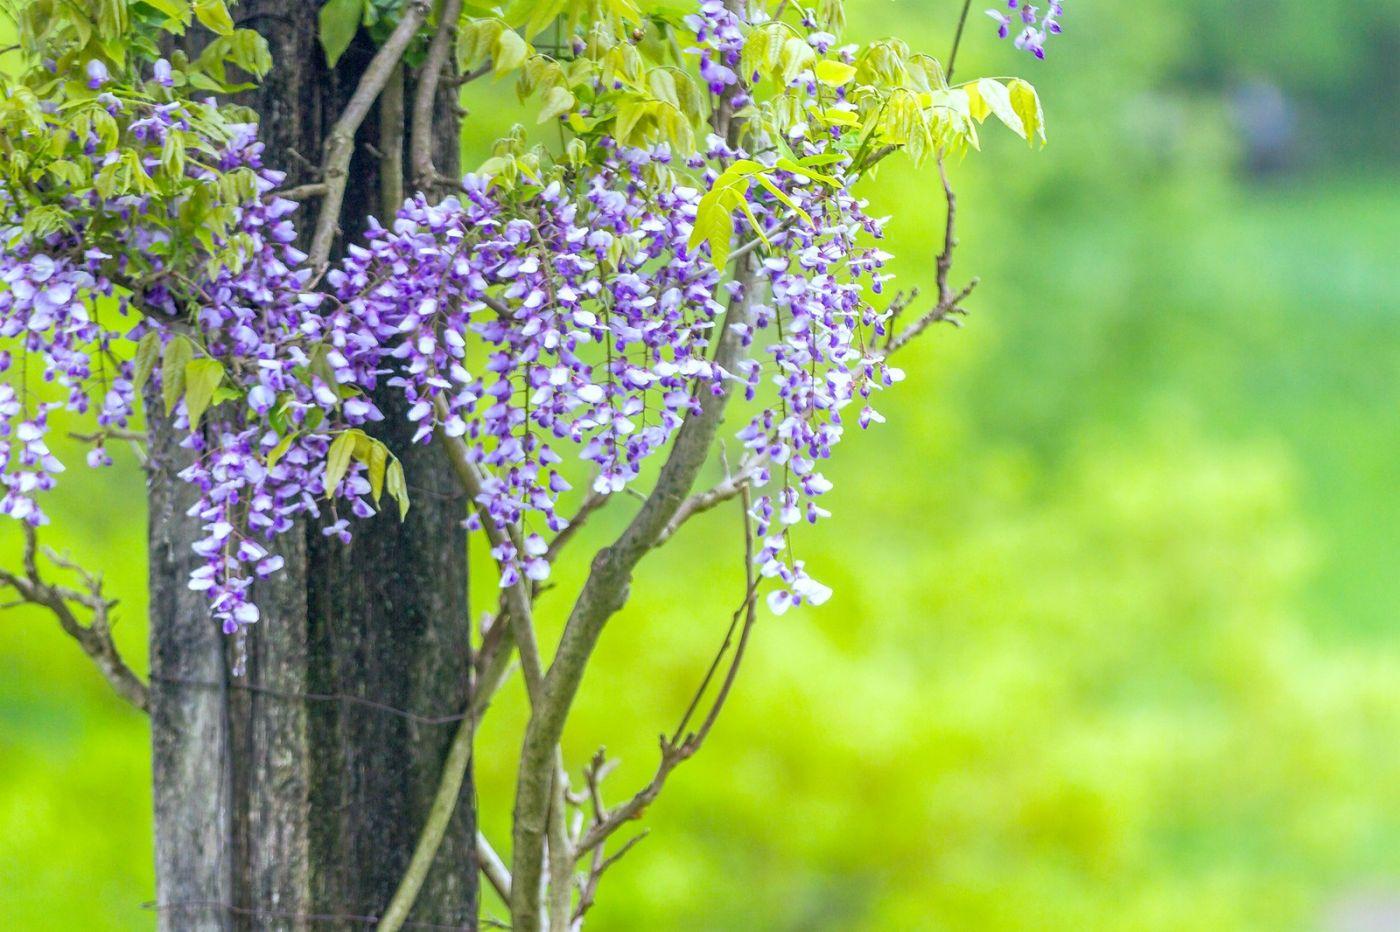 紫藤花相遇在春天_图1-1